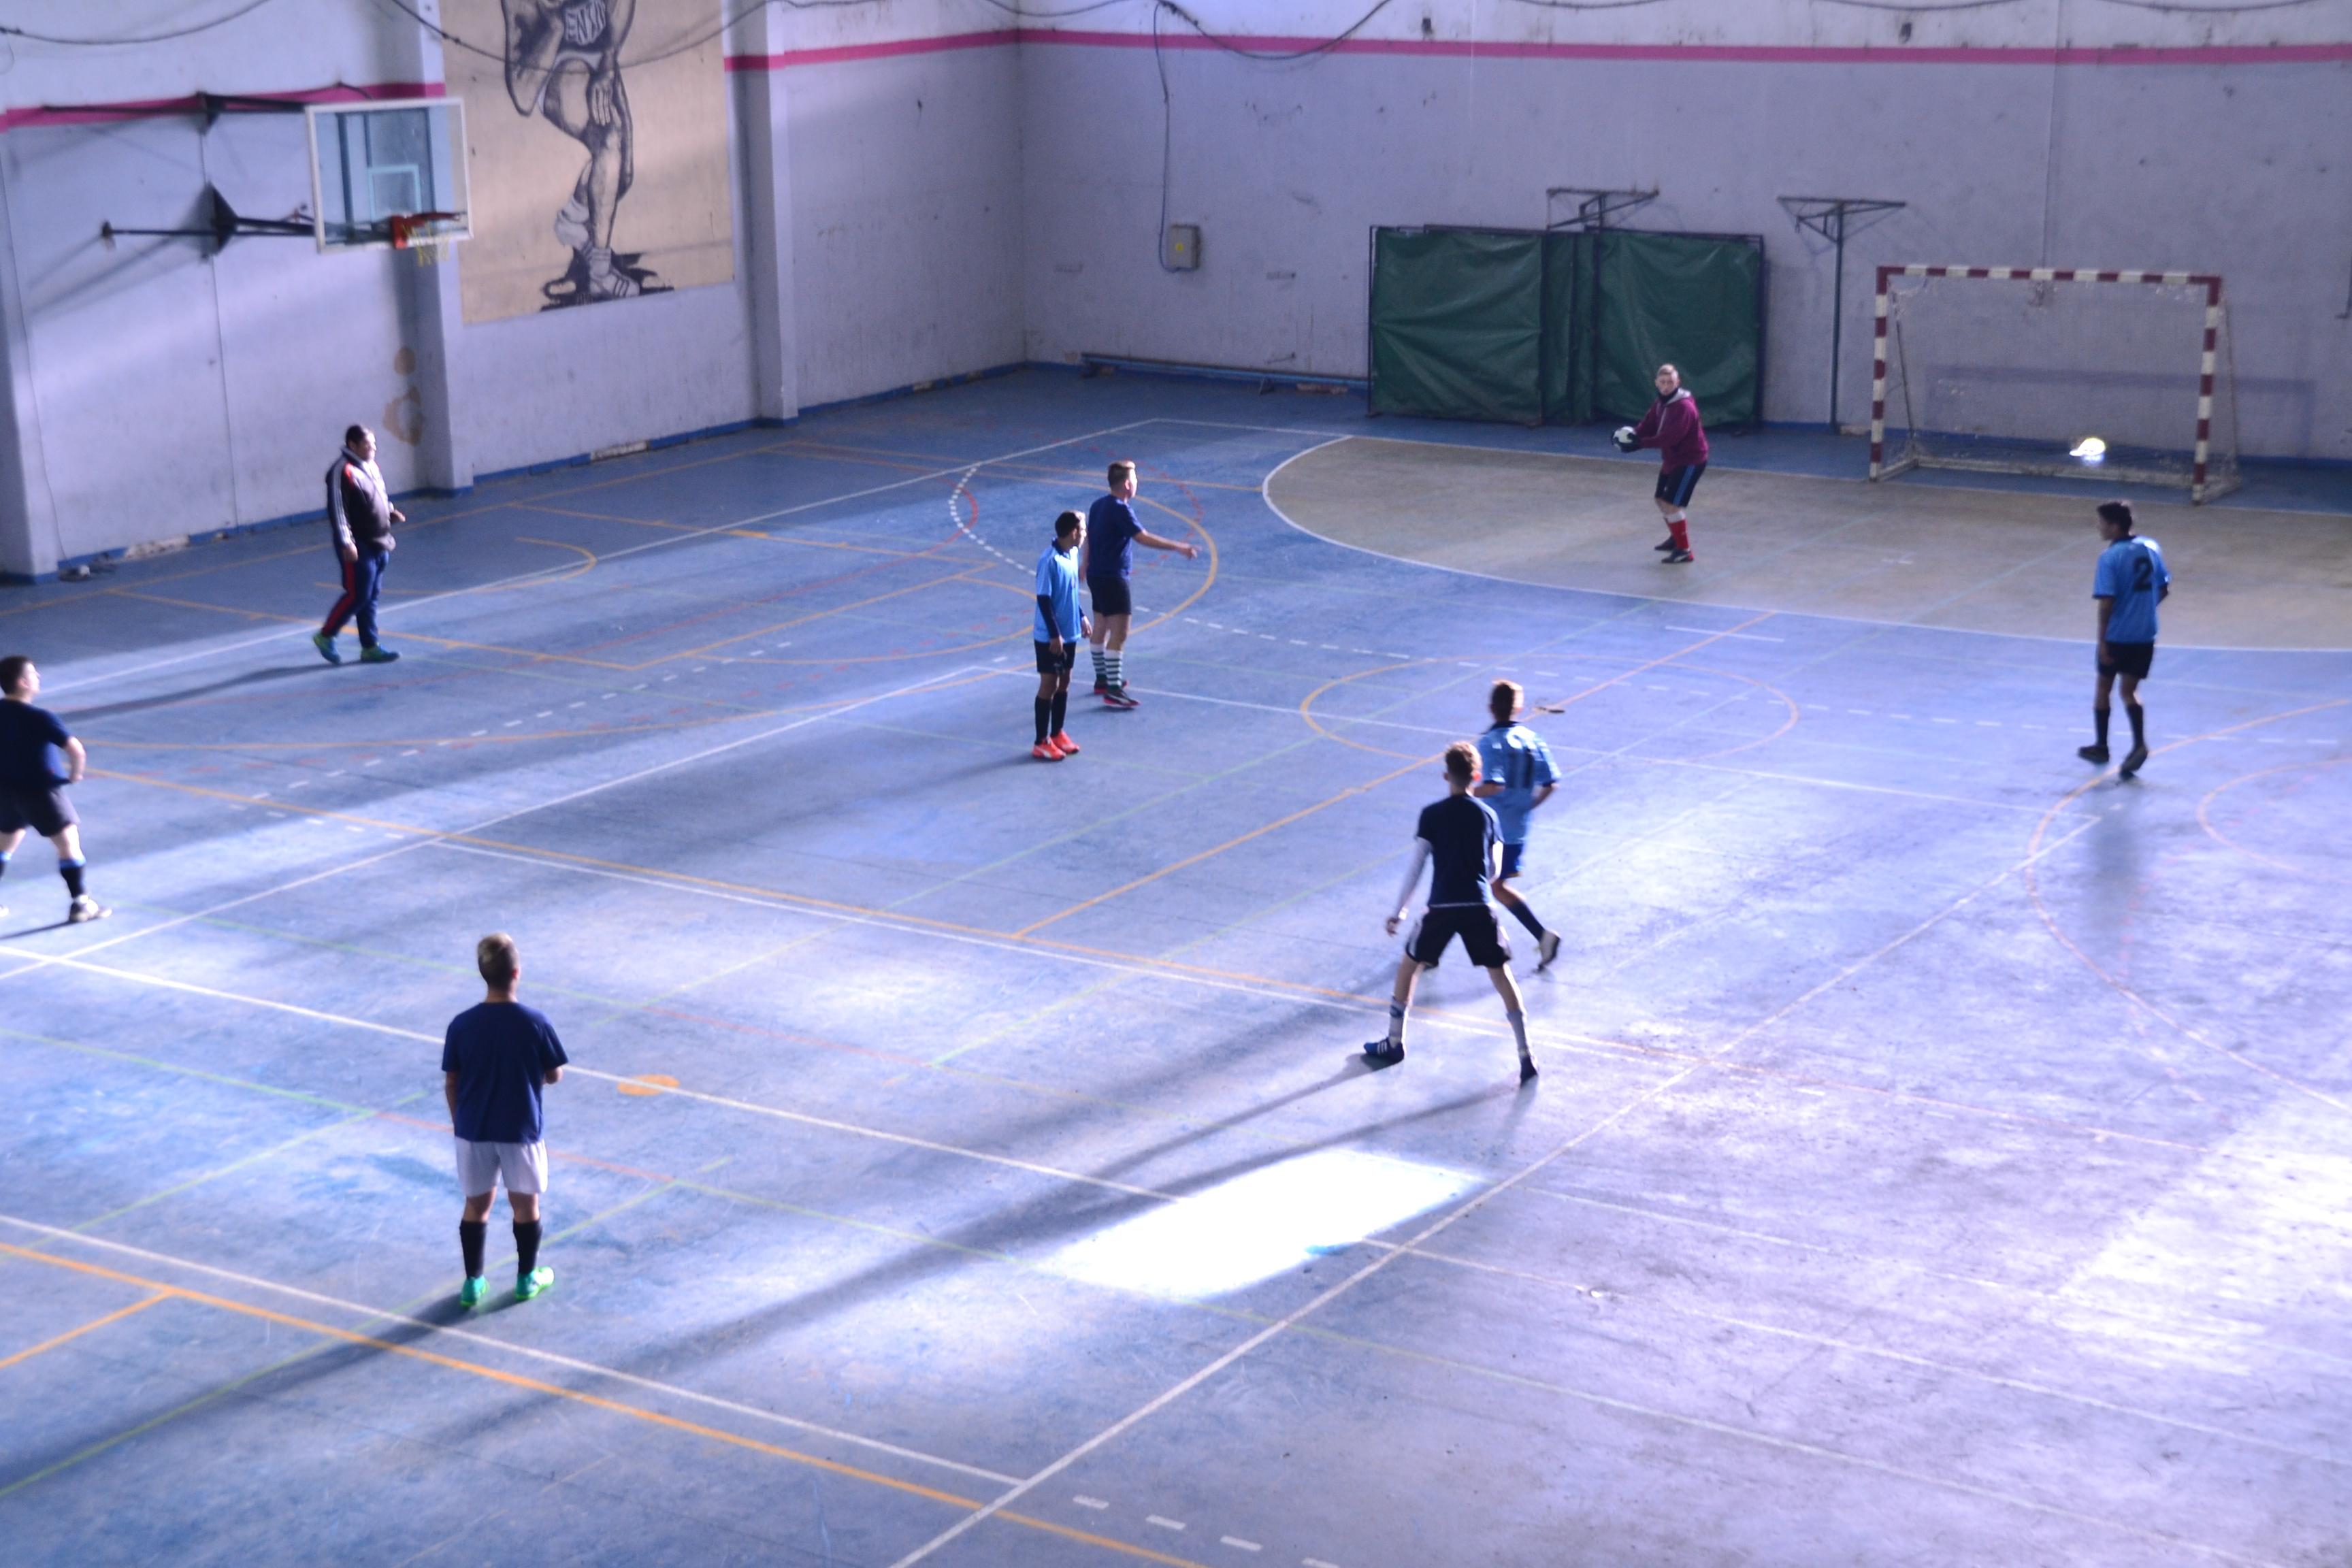 La Dirección de Deportes de la Municipalidad de Berisso informó que el pasado viernes se definieron los equipos de Futsal que clasificaron al Regional de los Juegos Bonaerenses 2017, en las categorías menores, cadetes y juveniles.